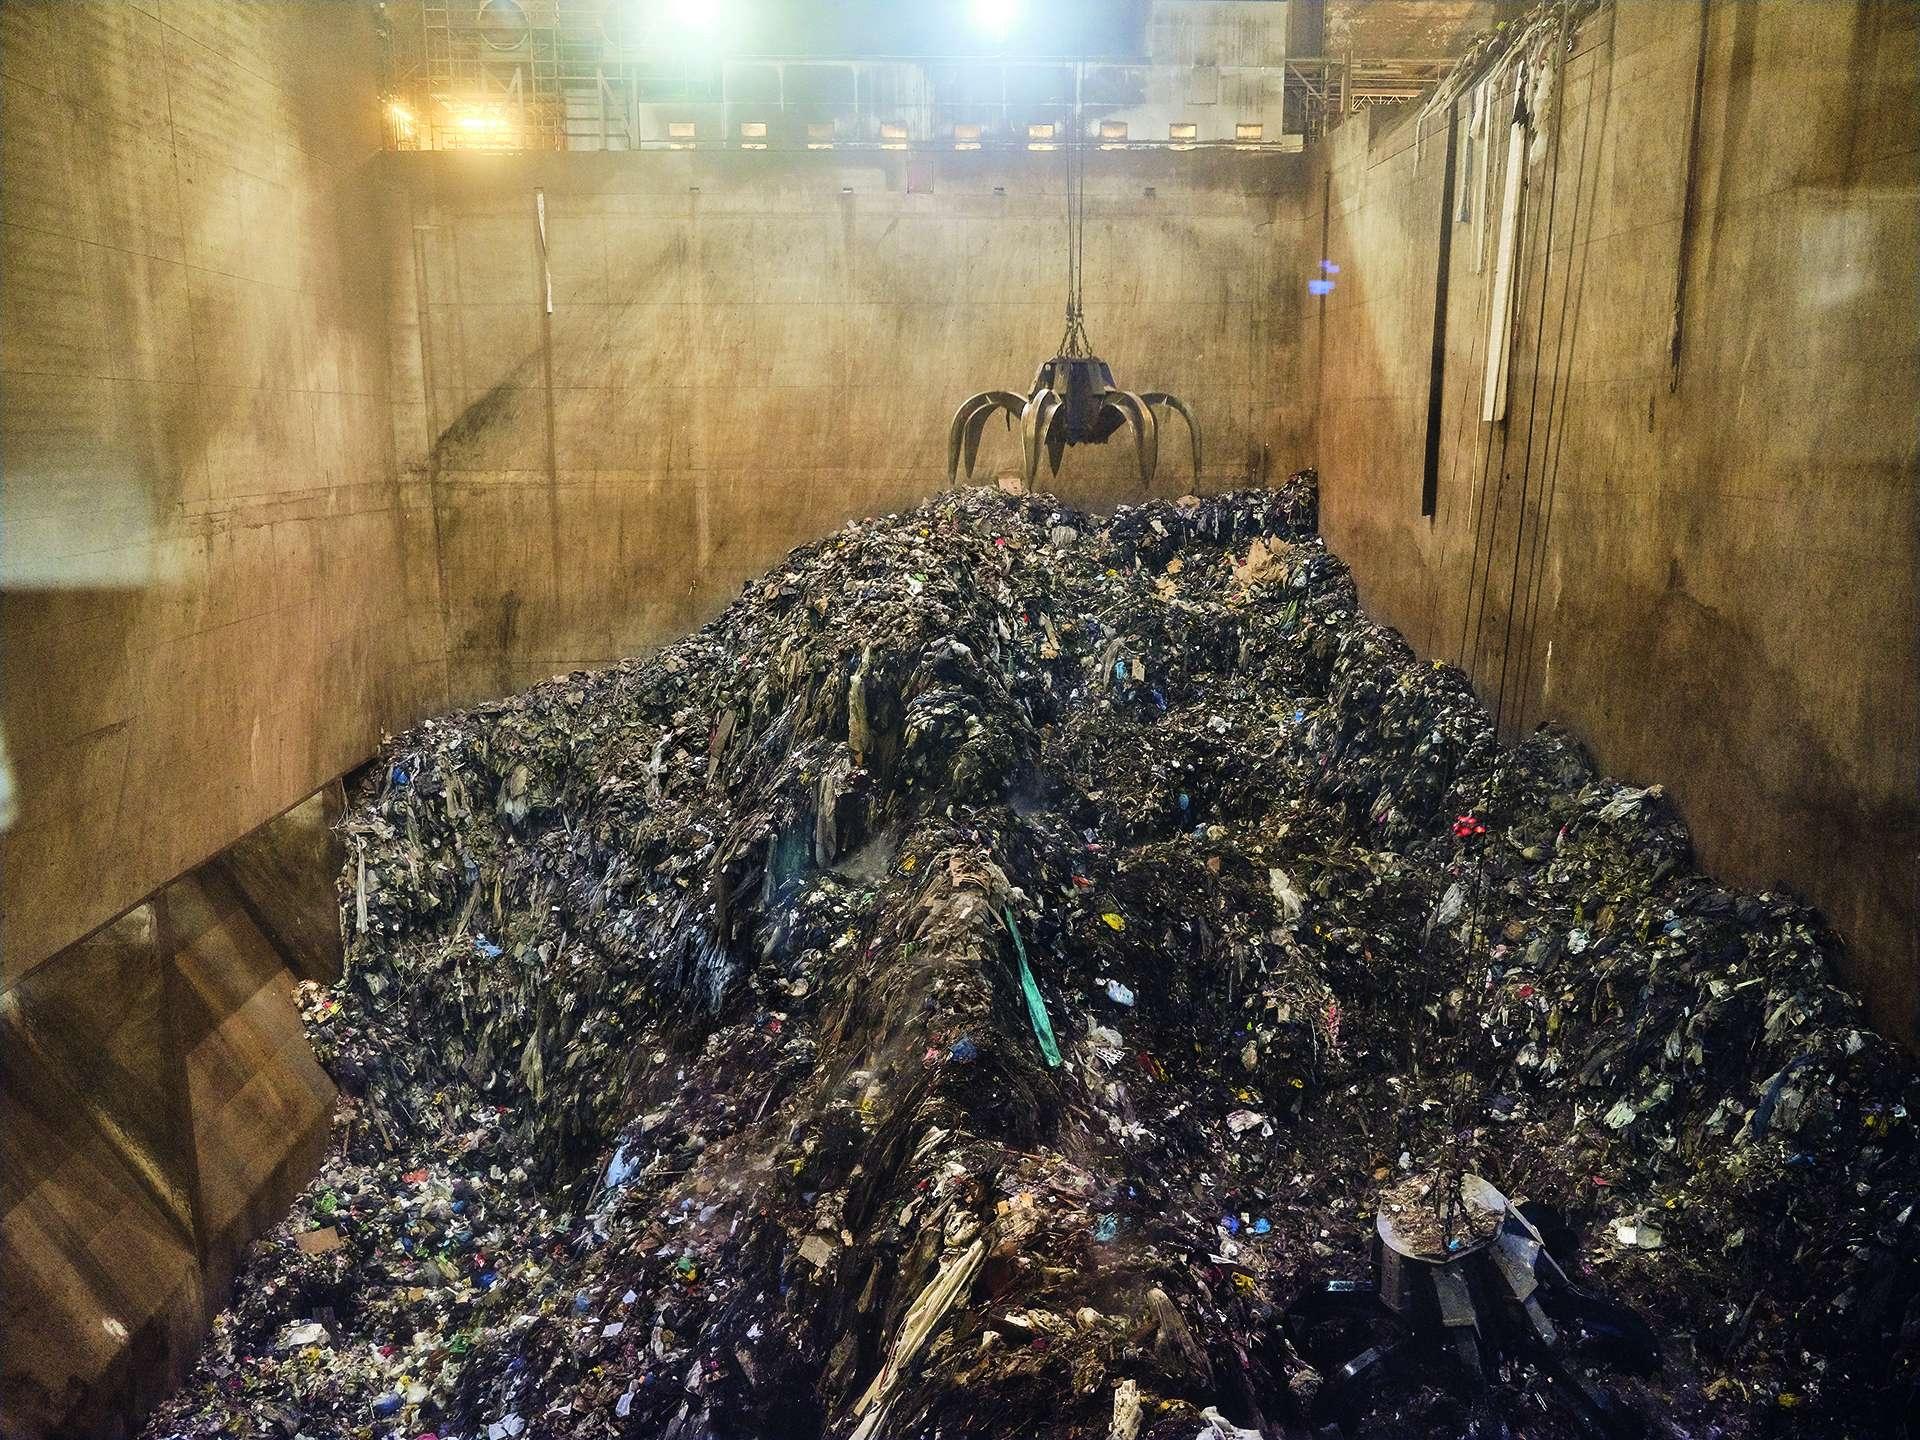 能源|哥本哈根一座新焚化爐的垃圾坑容量達2萬2000公噸。自動化起重機會攪拌垃圾,讓焚化爐燒得更乾淨。過濾燃煙的設備占據焚化廠內部的大半空間。相對於垃圾掩埋場,可以乾淨燃燒、產生能源的焚化爐,對垃圾來說是比較好的去處──但是循環經濟的目標,卻是以完全不會產生垃圾的方式來終結垃圾。攝影:盧卡.洛卡泰利 LUCA LOCATELLI